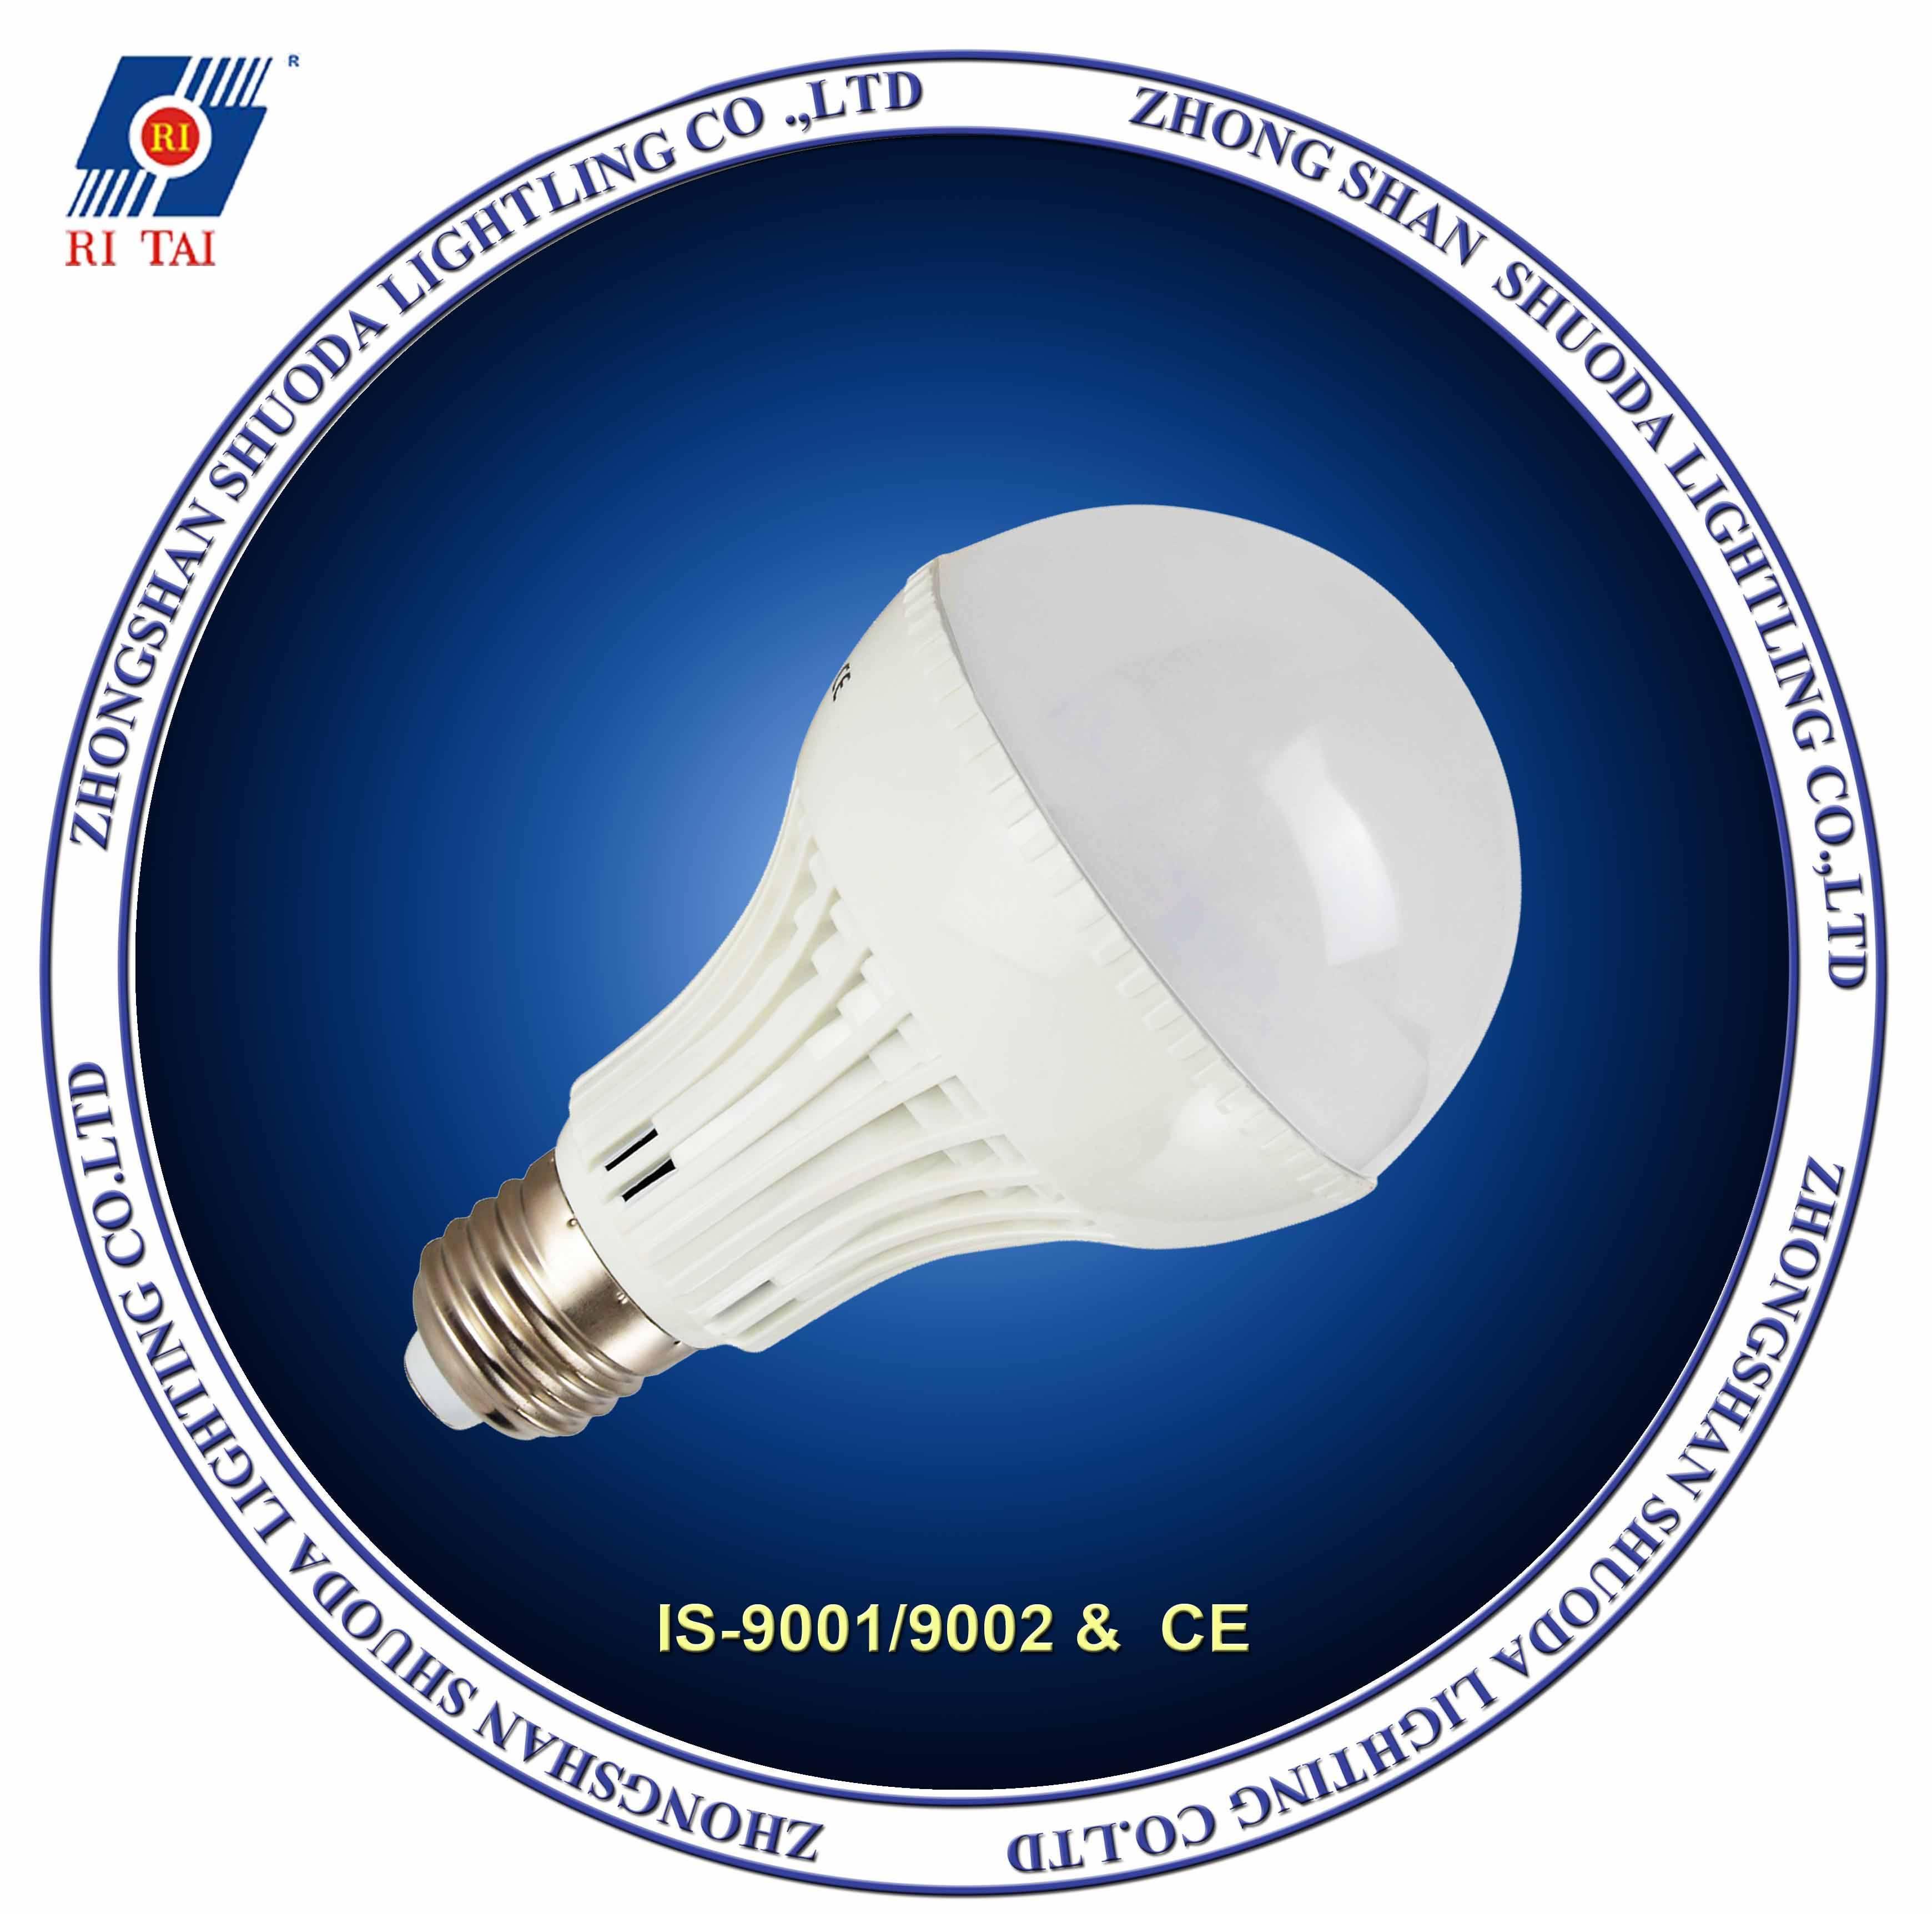 LED BULB BL6241 3W&5W&7W&9W&12W